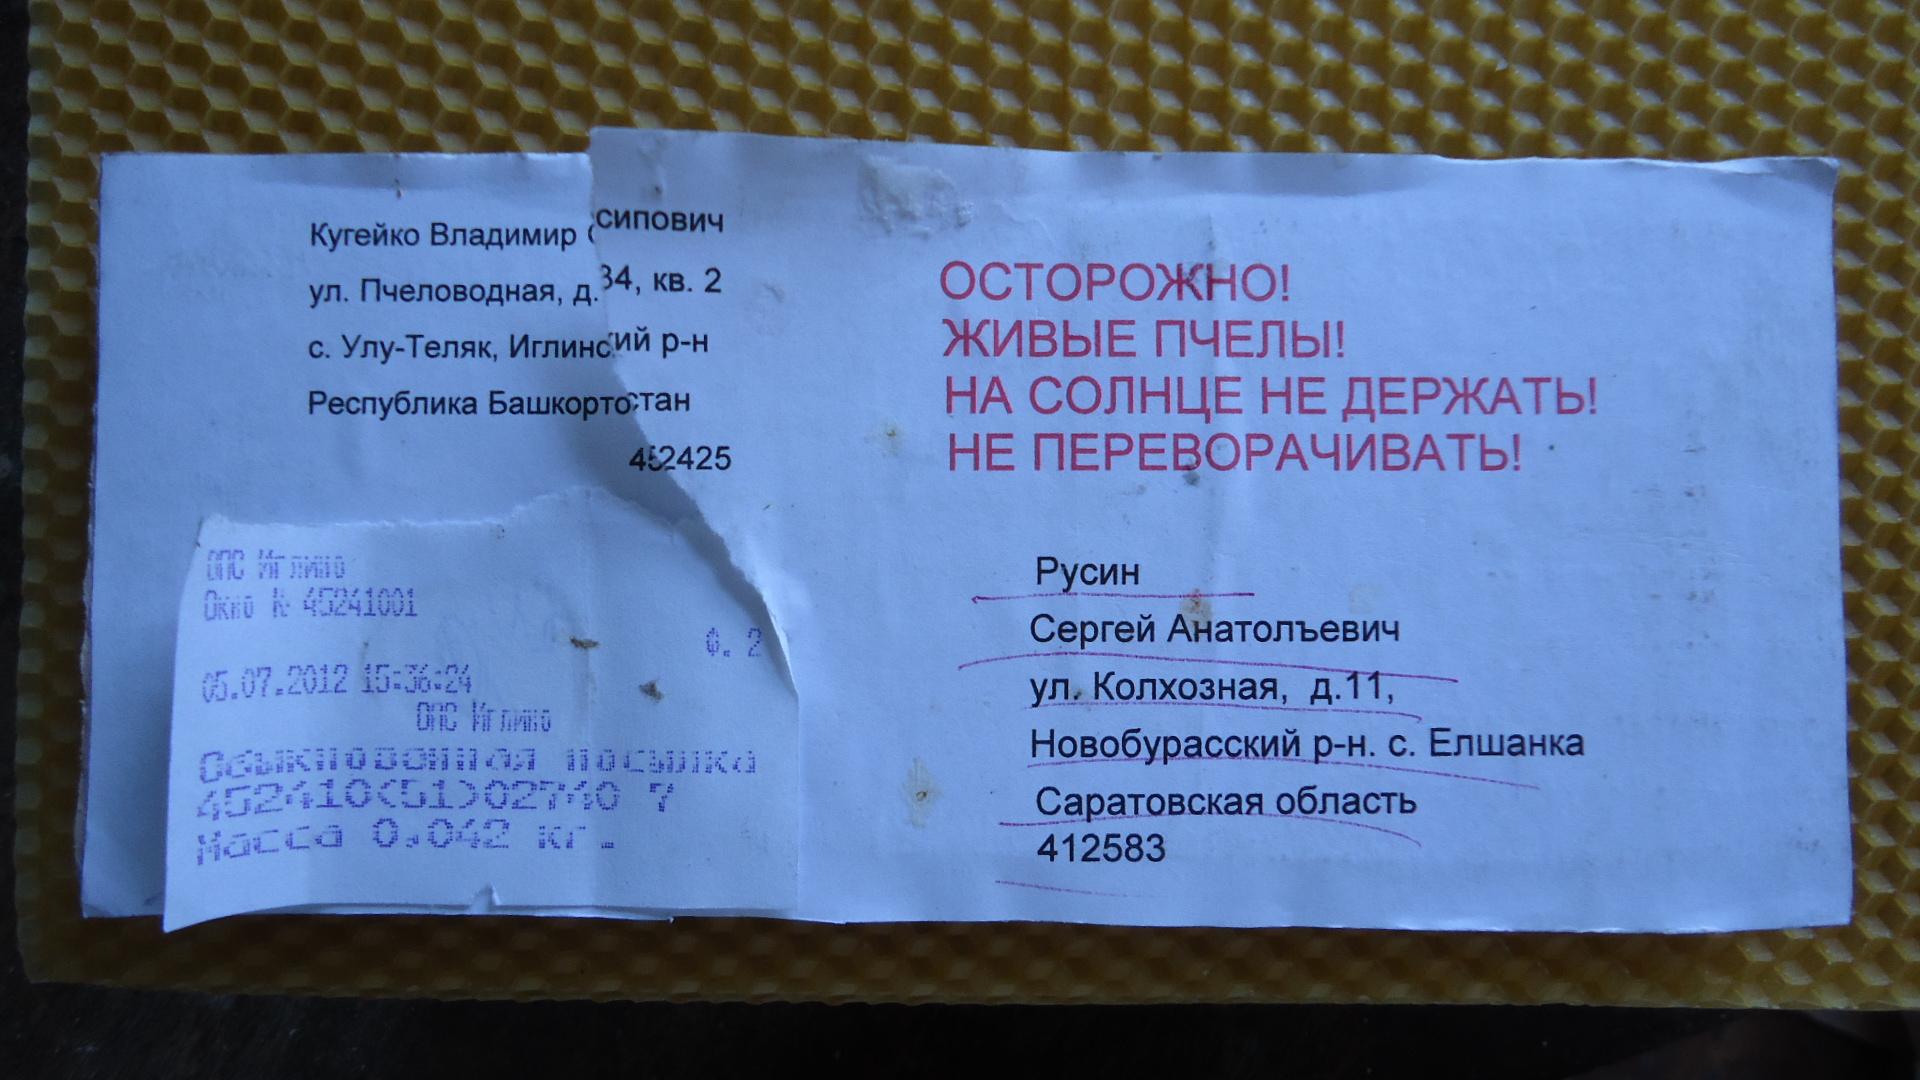 http://s1.uploads.ru/i/mRsAZ.jpg